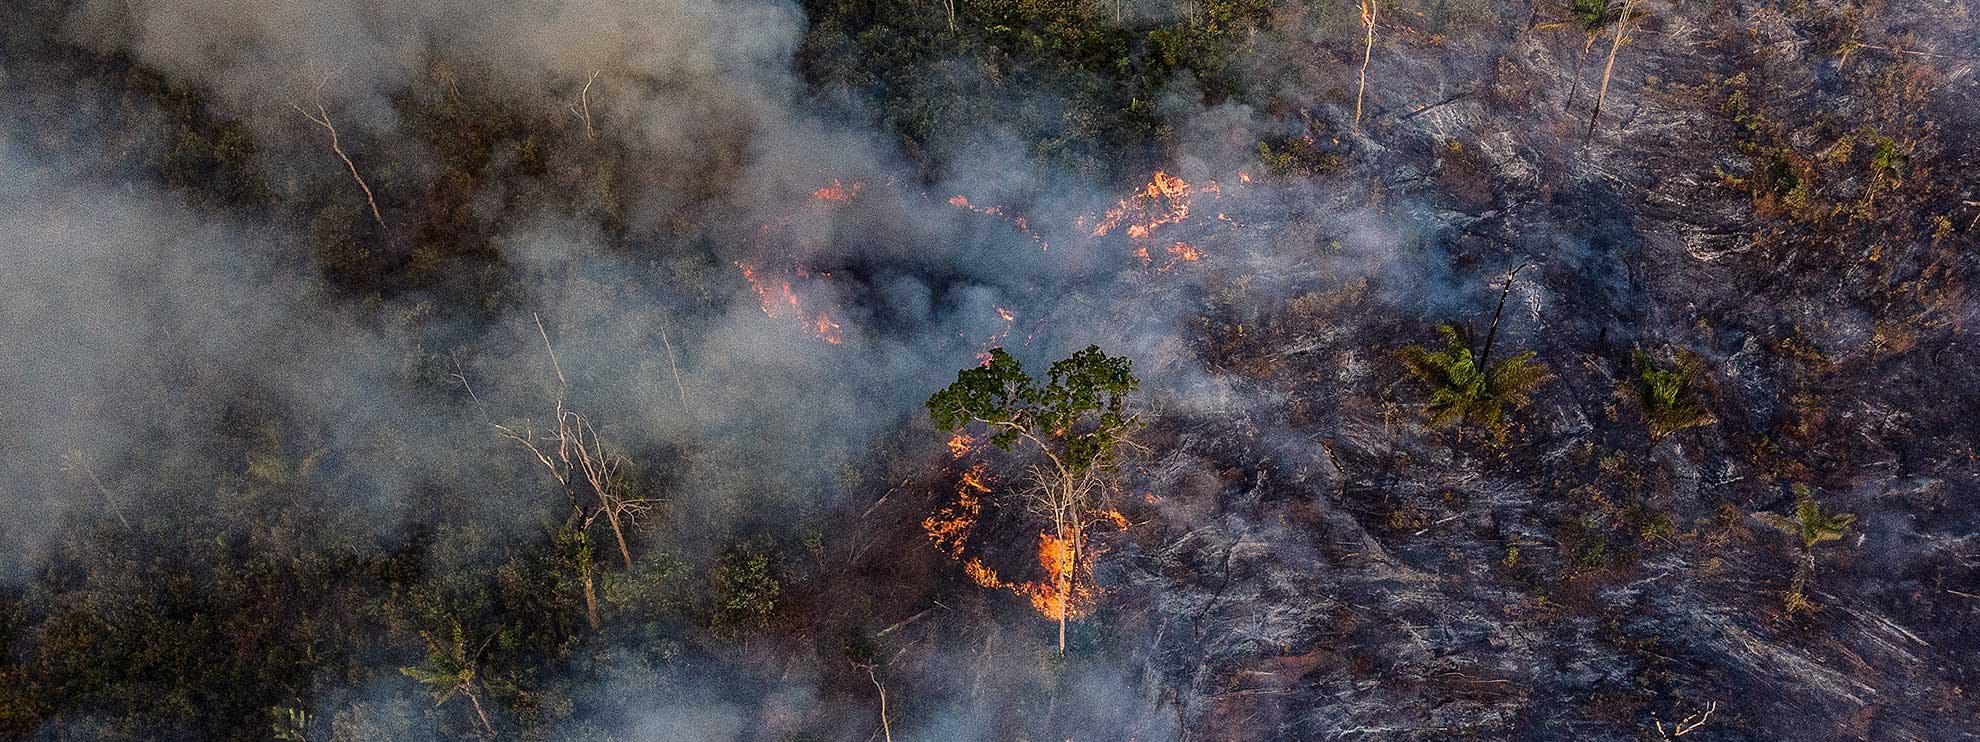 Photographie de la forêt amazonienne prise par un drone. © Anthony Cole / Amnesty International